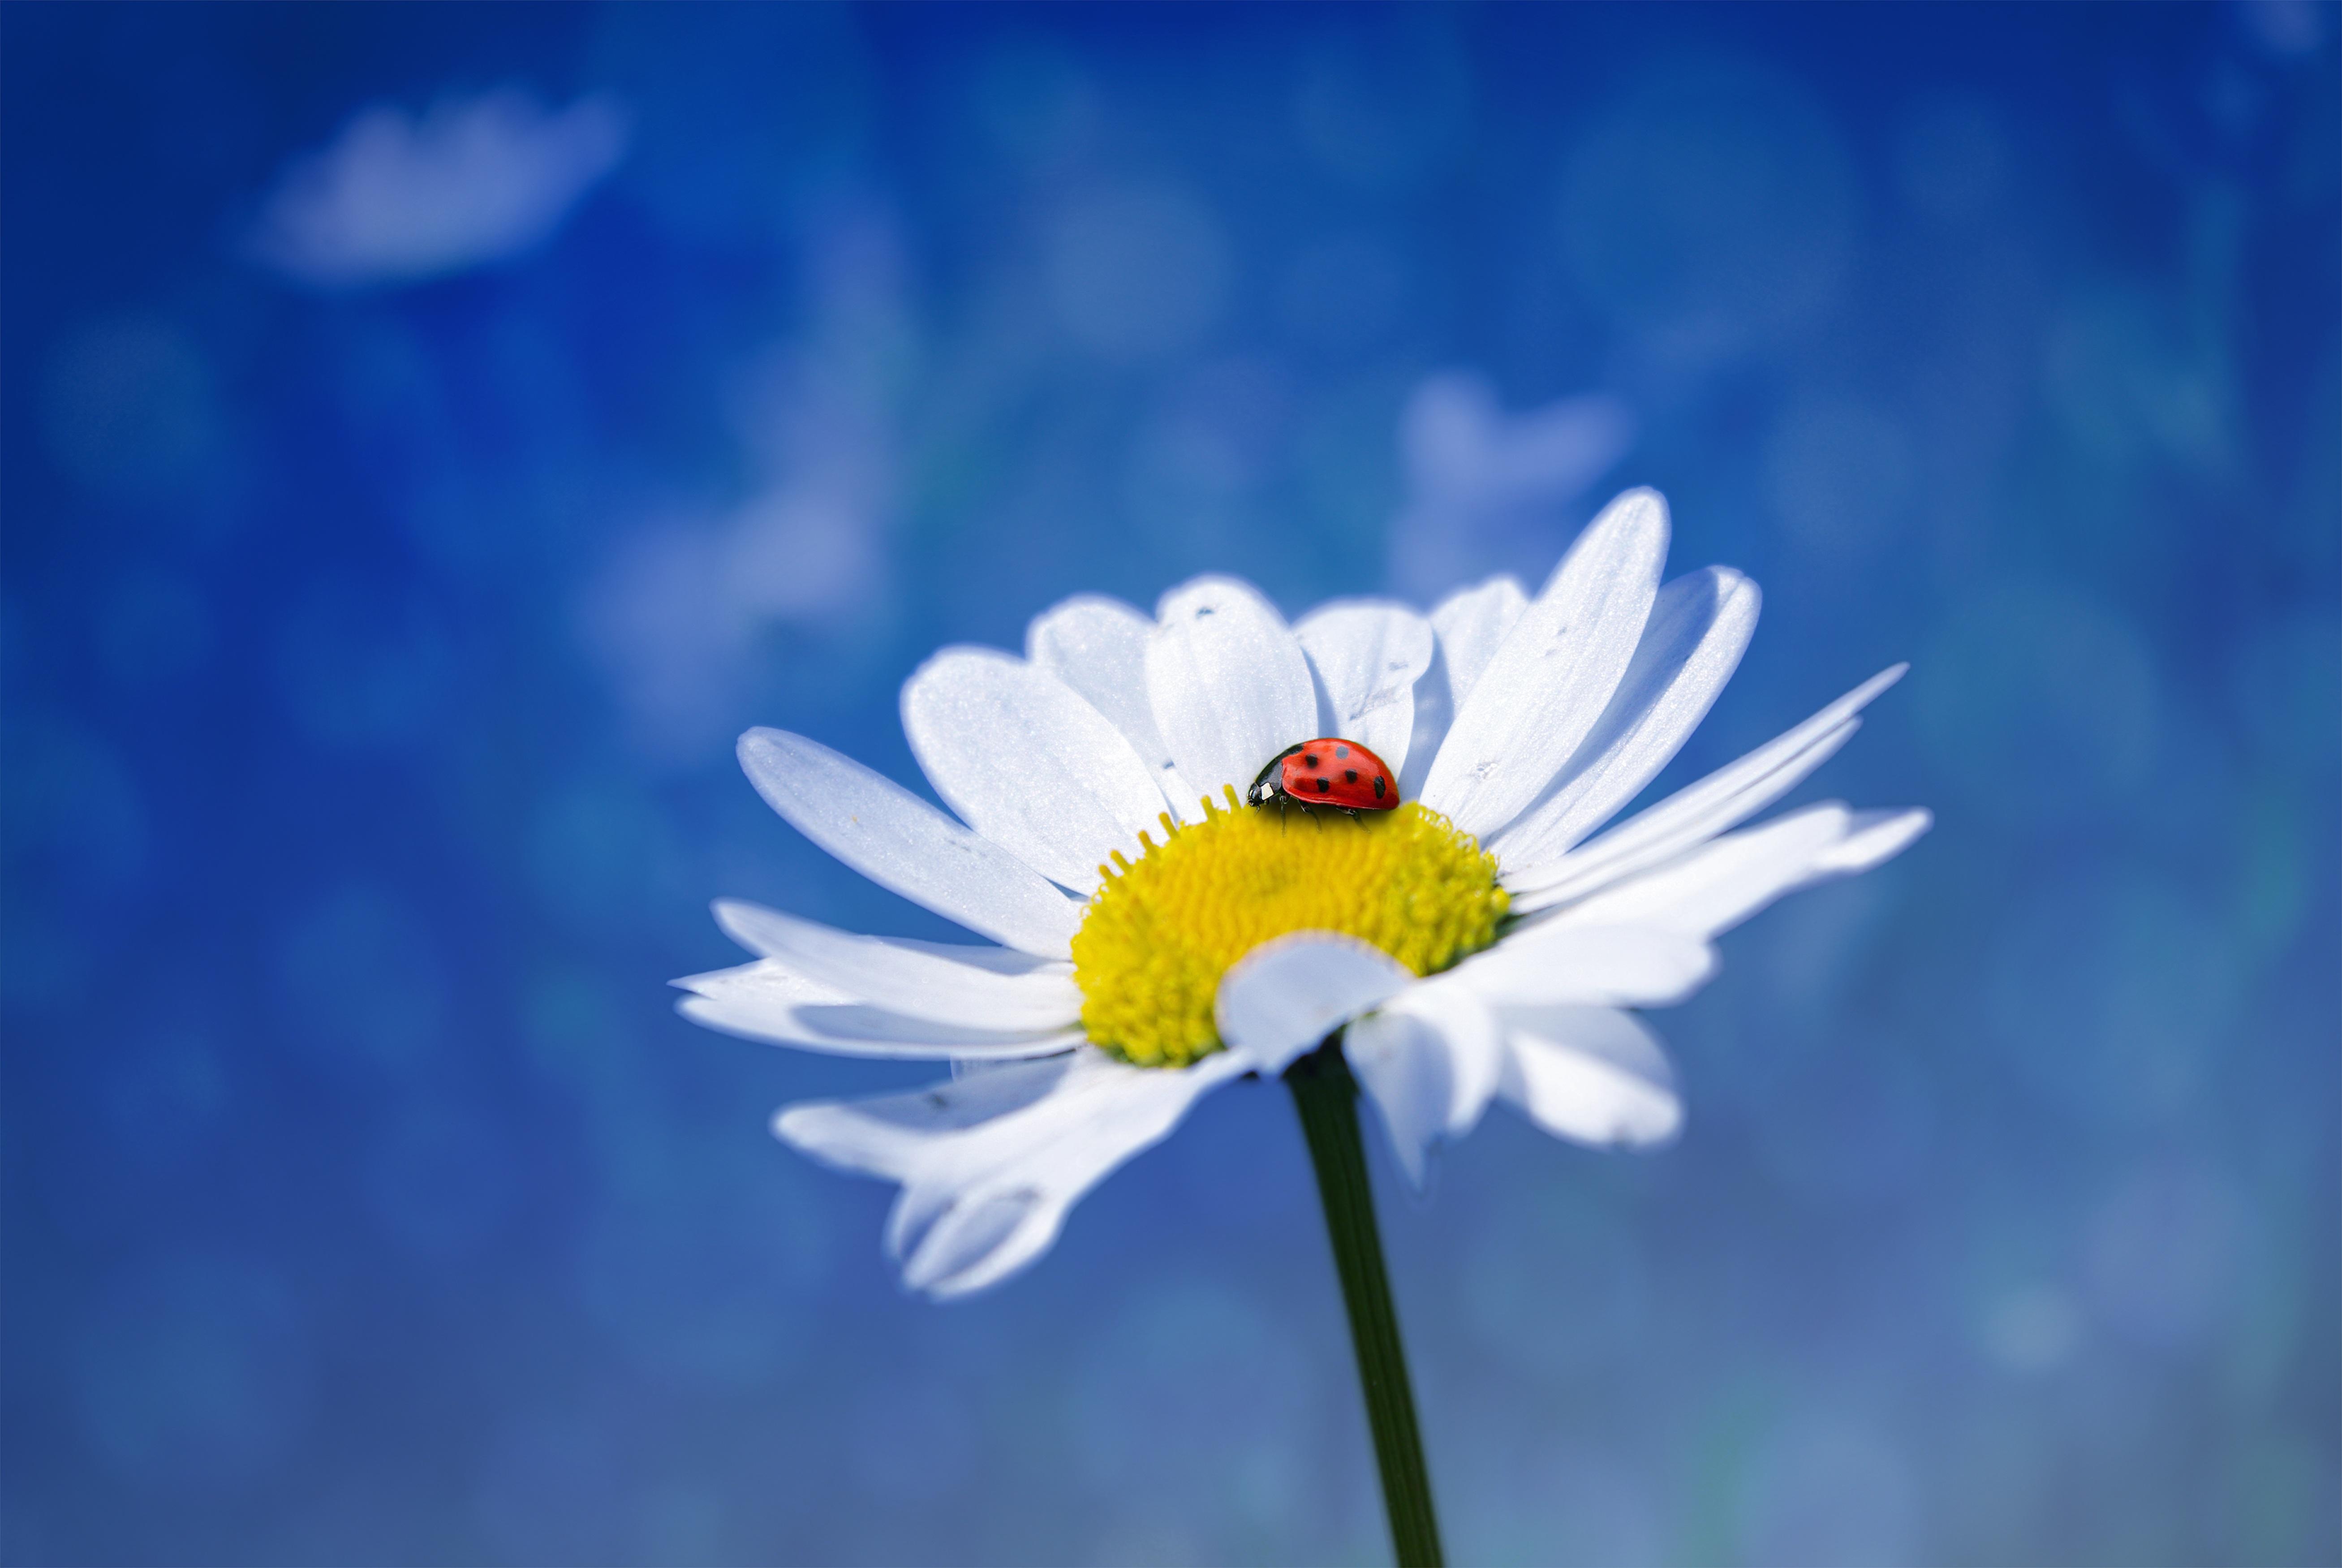 Фото в лепестках цветка для фотомонтажа